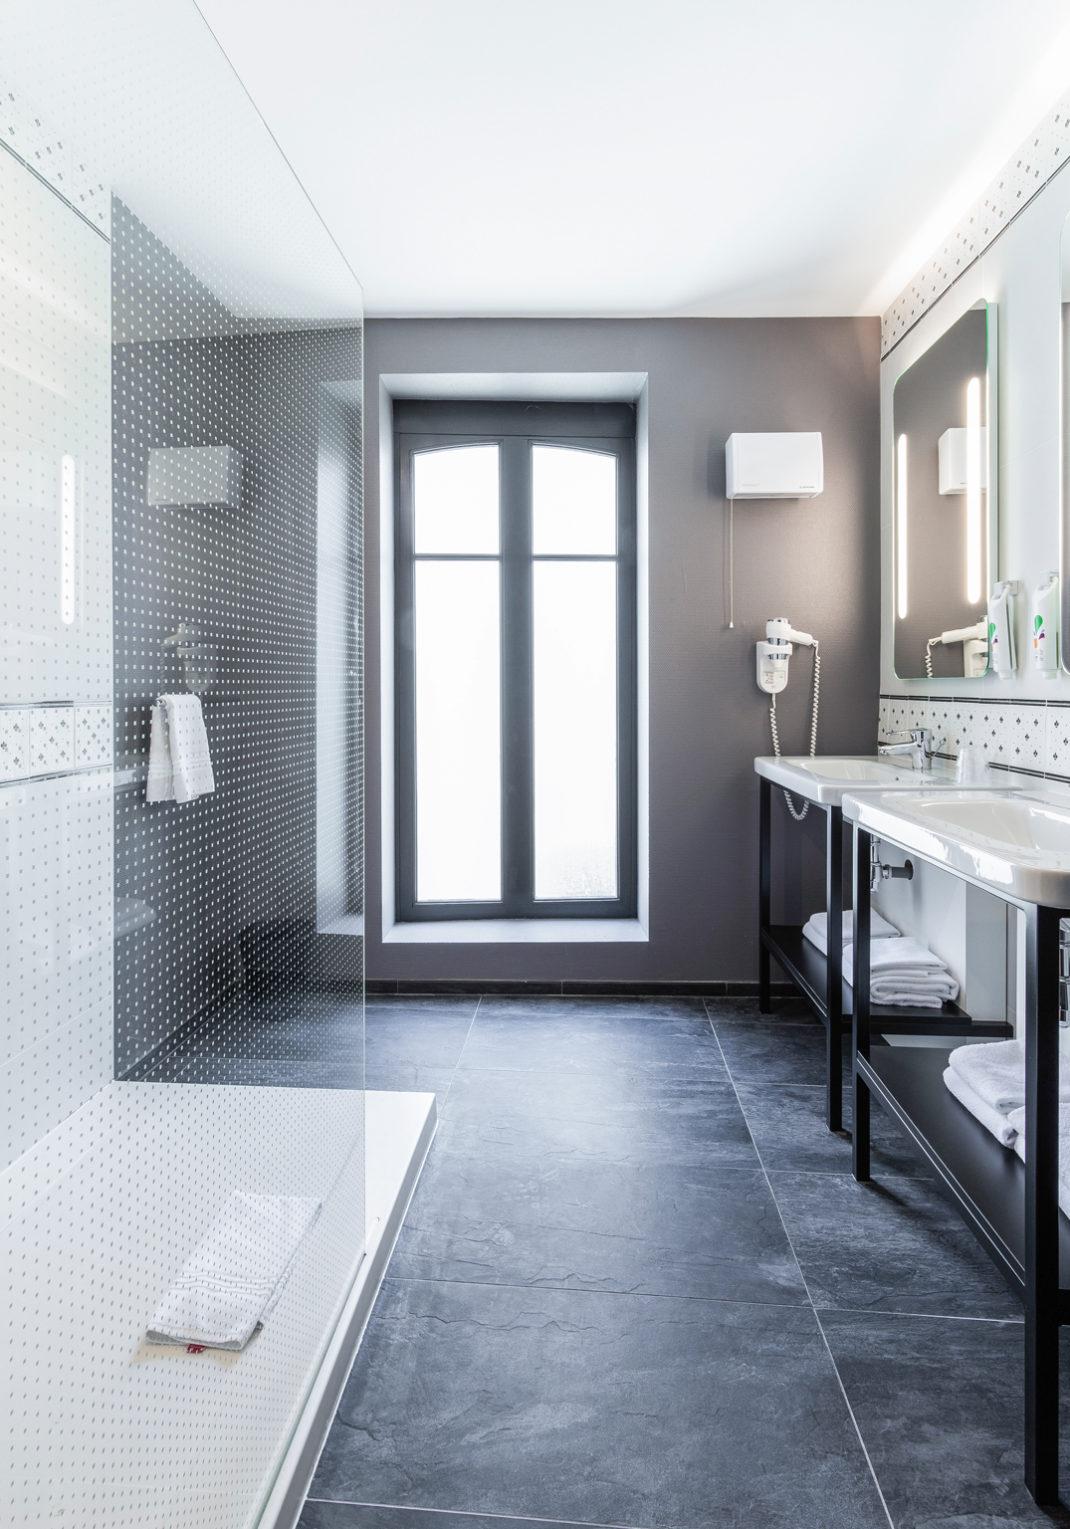 Décoration et rénovation des salles de bain de l'hôtel Ibis Styles de Dinan